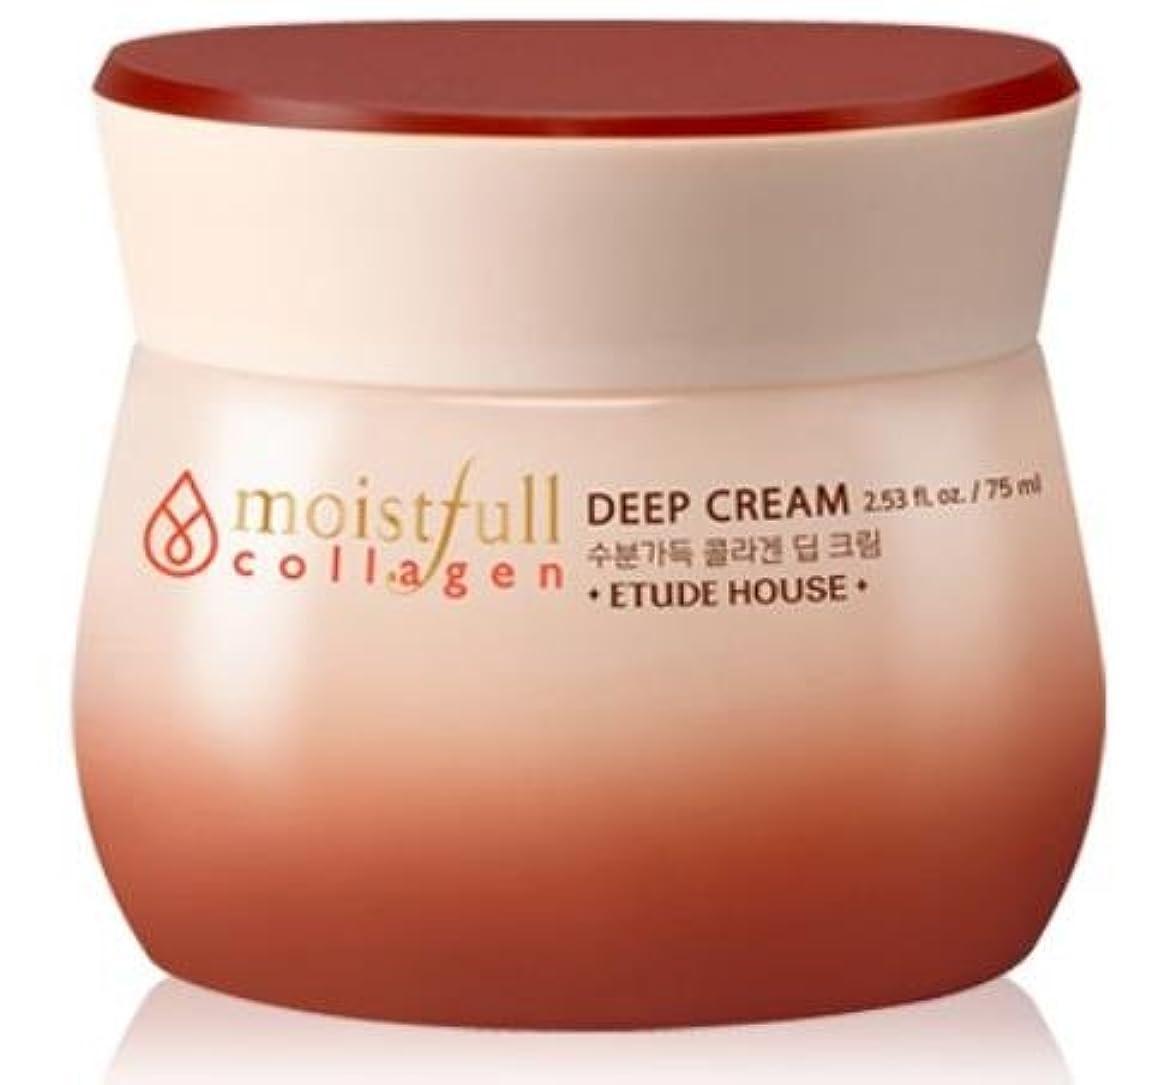 告白賞賛する機械[エチュードハウス] ETUDE HOUSE [モイストフルコラーゲ 深いクリーム] (Moistfull Collagen Deep Cream) [並行輸入品]